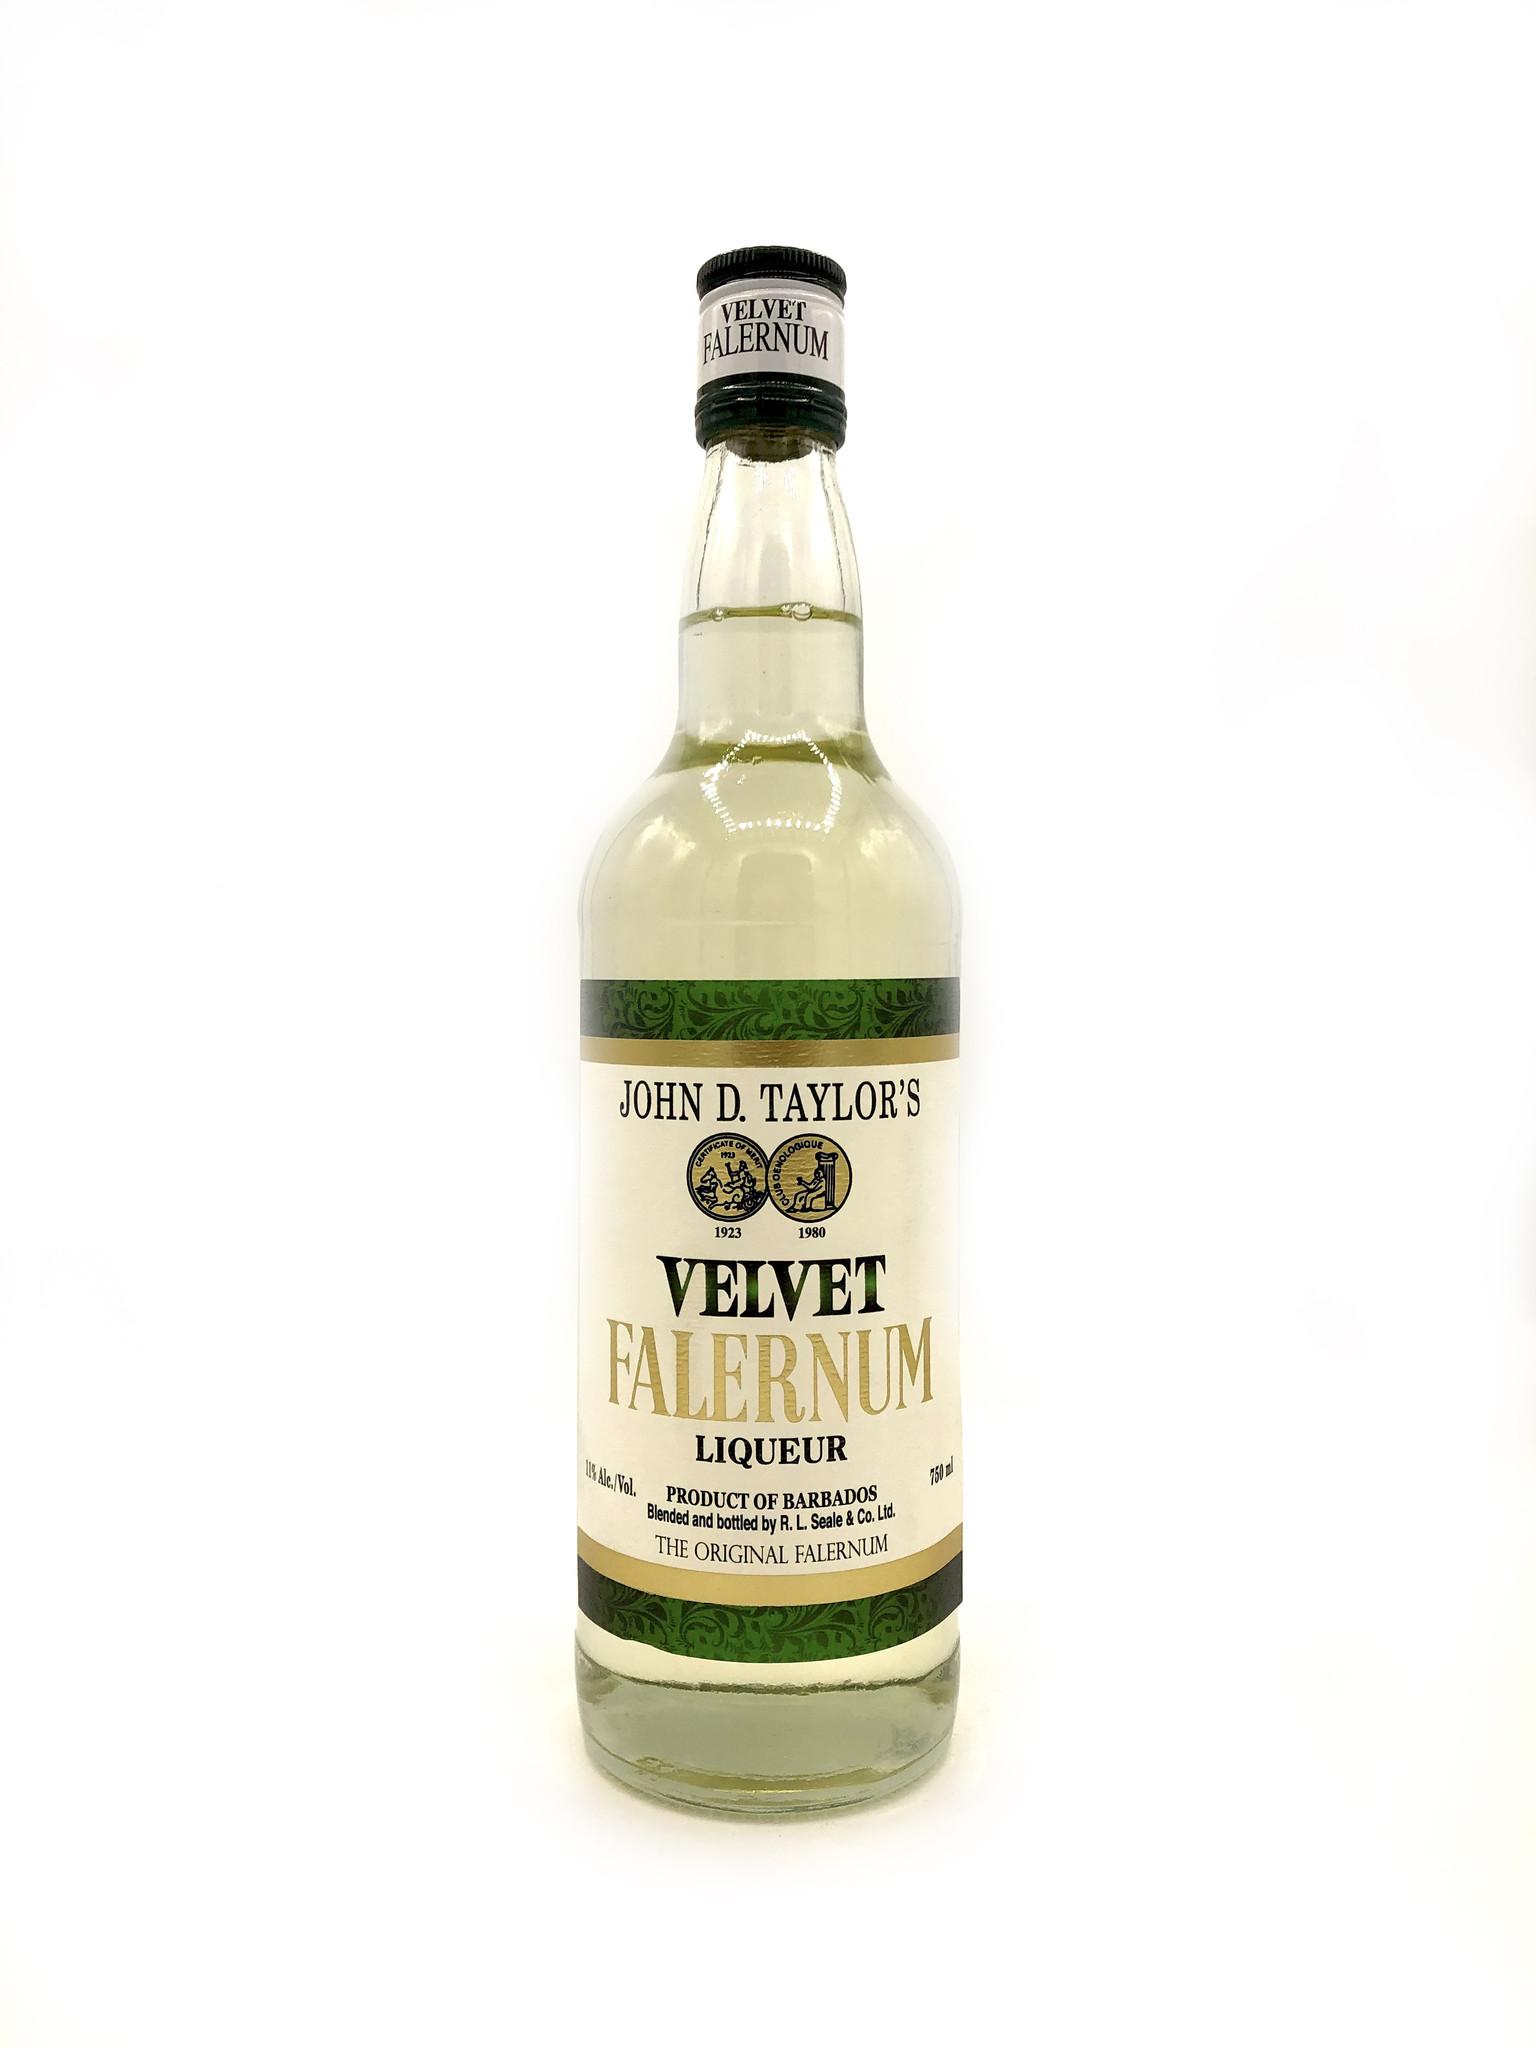 Velvet Falernum John D. Taylor's